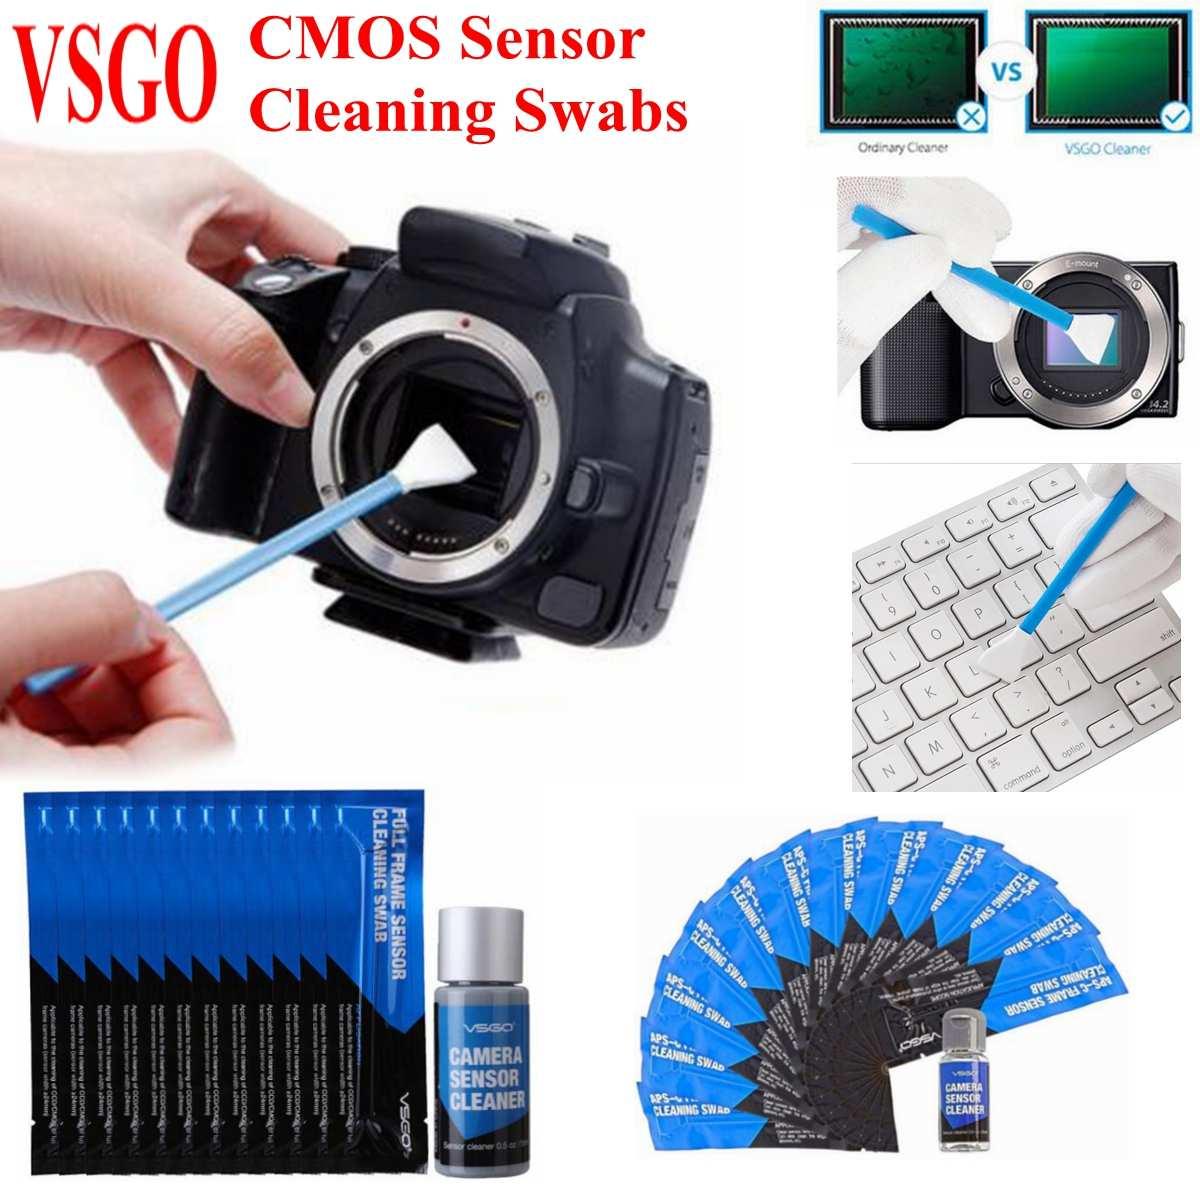 12Pcs VSGO Câmera Digital CMOS Sensor DSLR Full Frame Cotonetes de Limpeza Fluido Kit para Nikon/Canon/Sony APS-C Câmeras Digitais